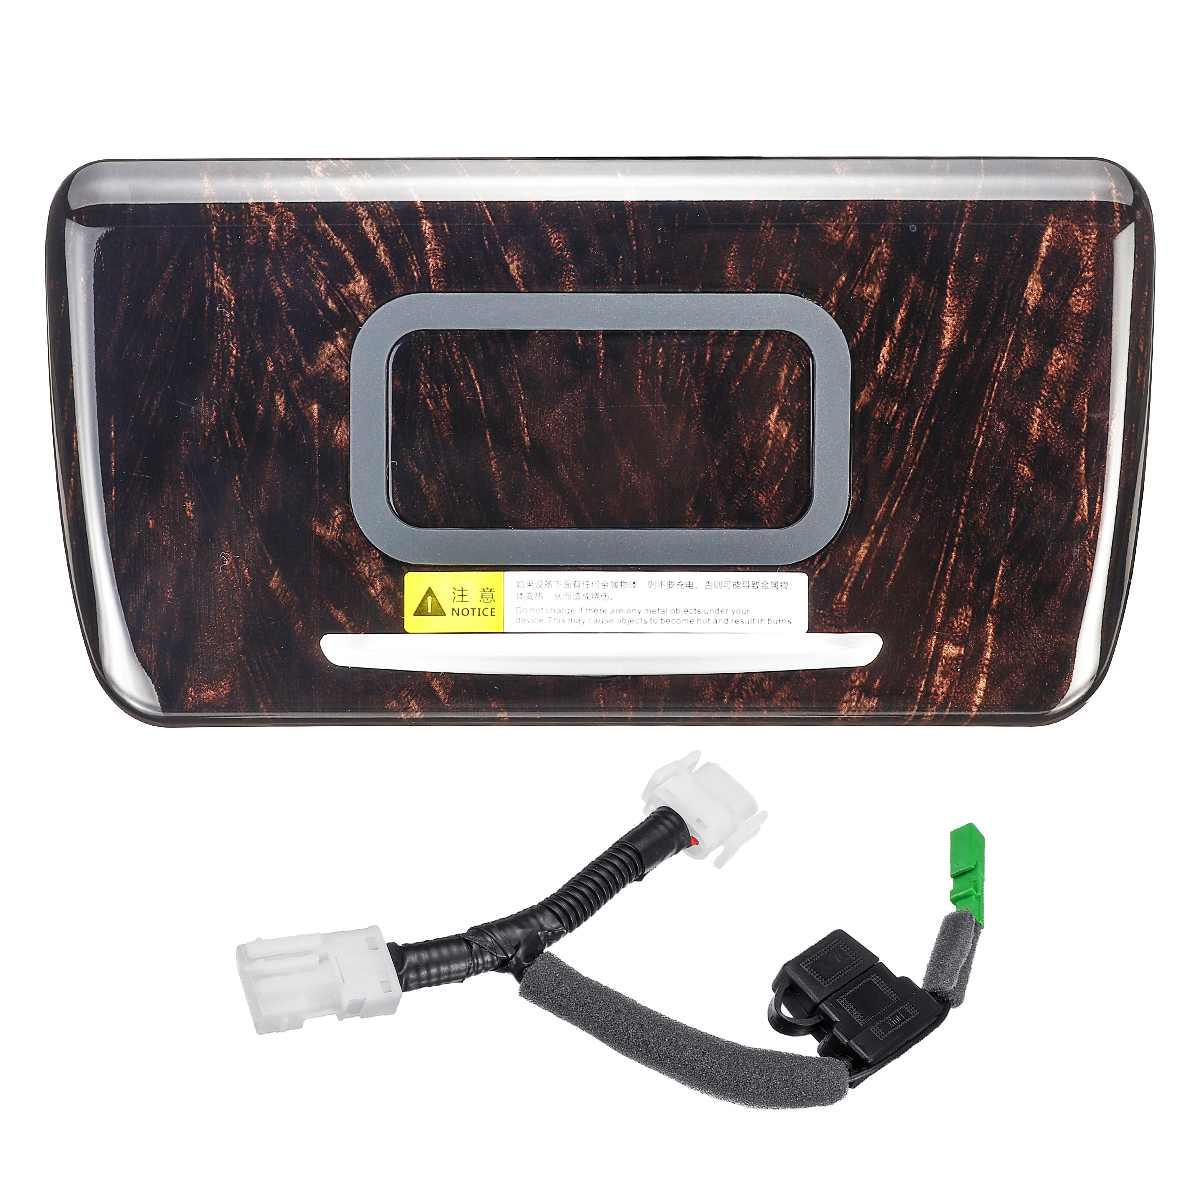 Горячая 1 шт. Деревянный Цветной Автомобильный быстрый беспроводной зарядный держатель для телефона Зарядка для BMW F18 5 серии